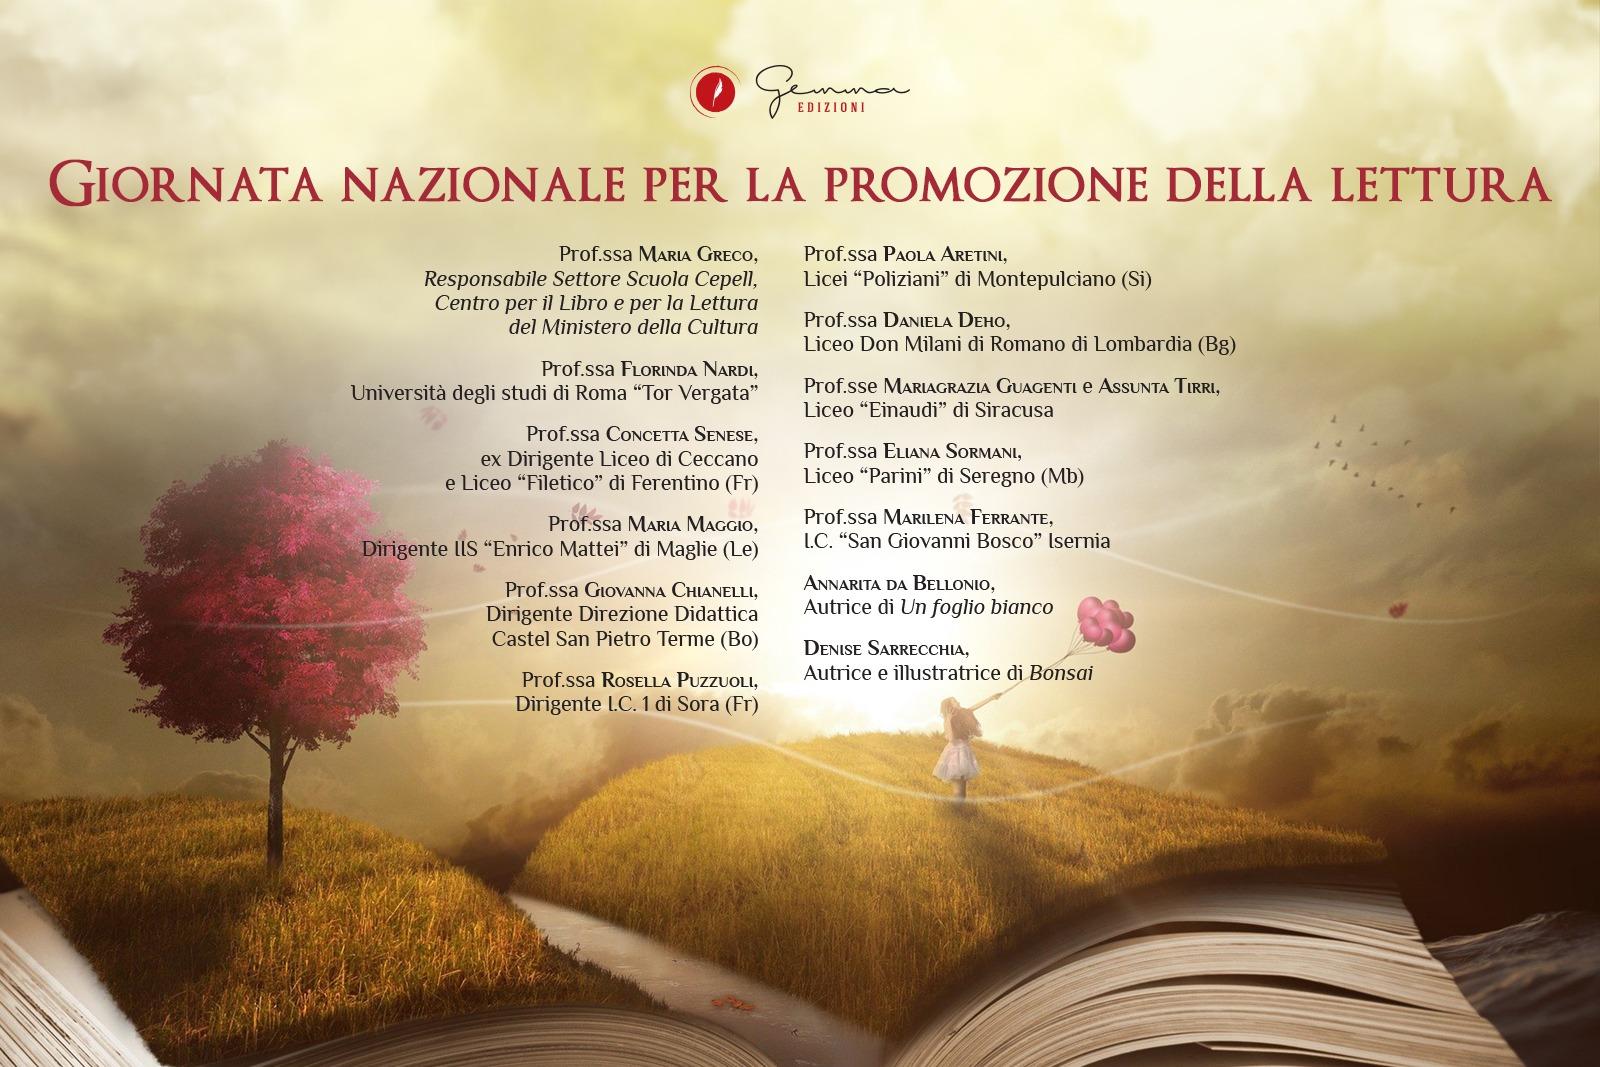 Giornata-nazionale-per-la-promozione-della-lettura.jpeg